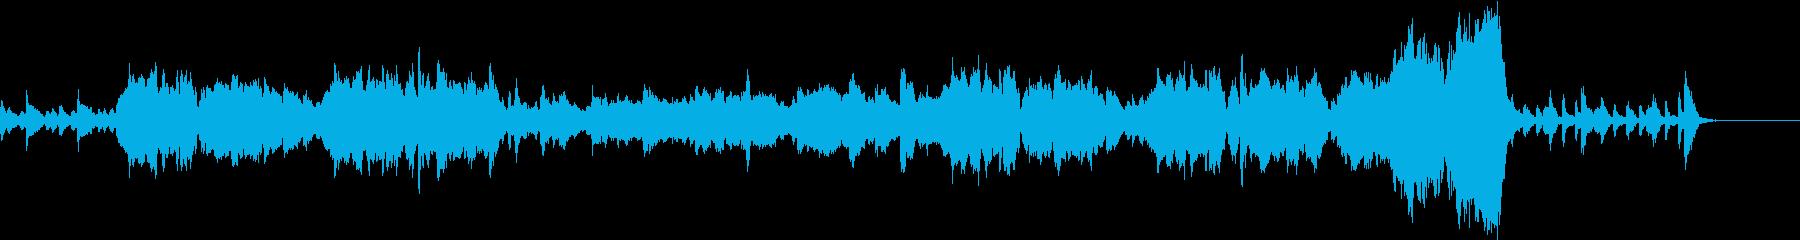 ファンタジー、RPGでよくある曲の再生済みの波形